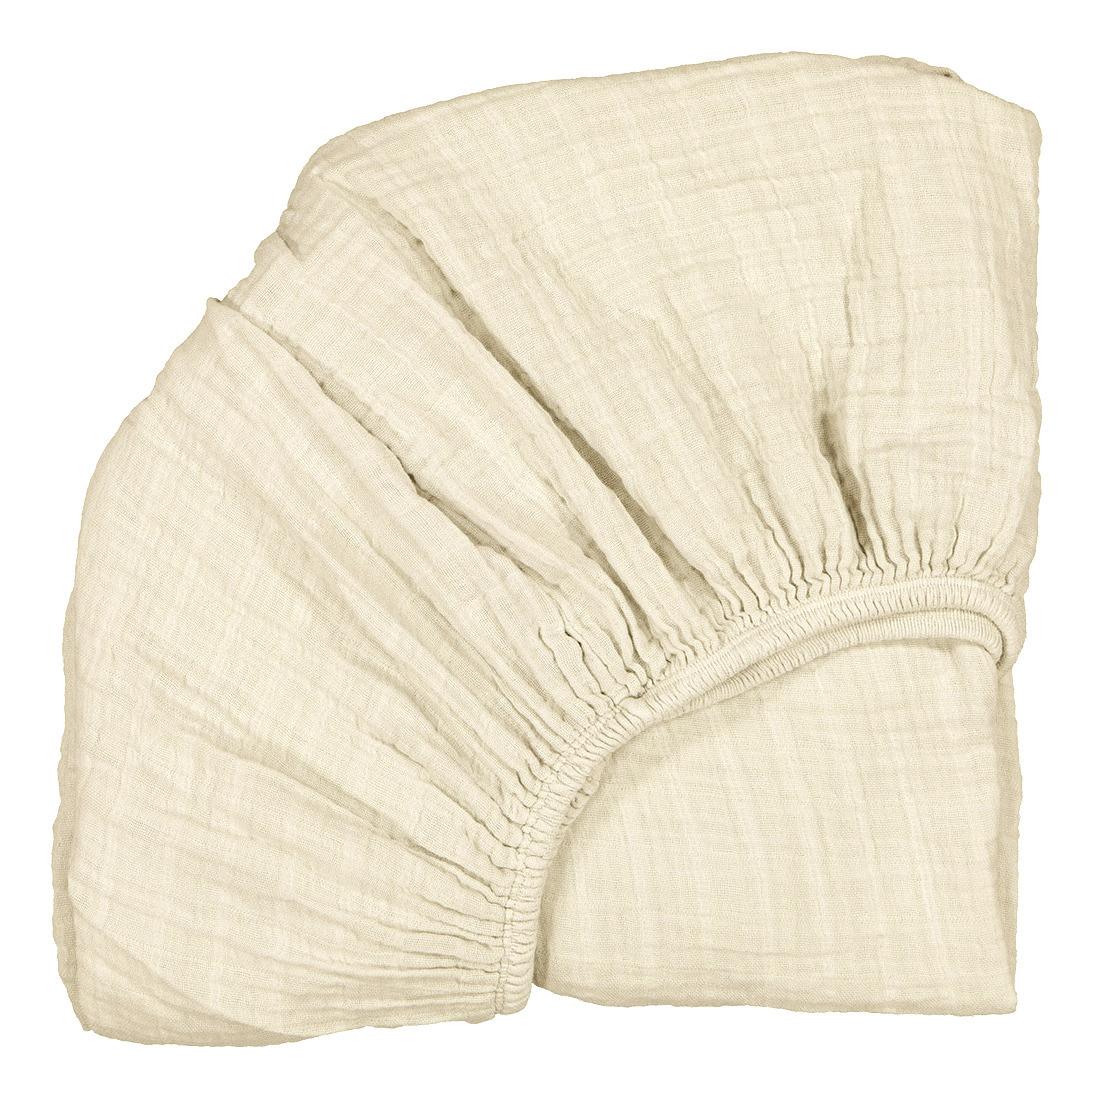 01,90cmX200cm CTOBB Drap Housse Matelas Housse de Couleur Unie pon/çage literie draps de lit avec Bande /élastique Double Reine Taille 180X200CM